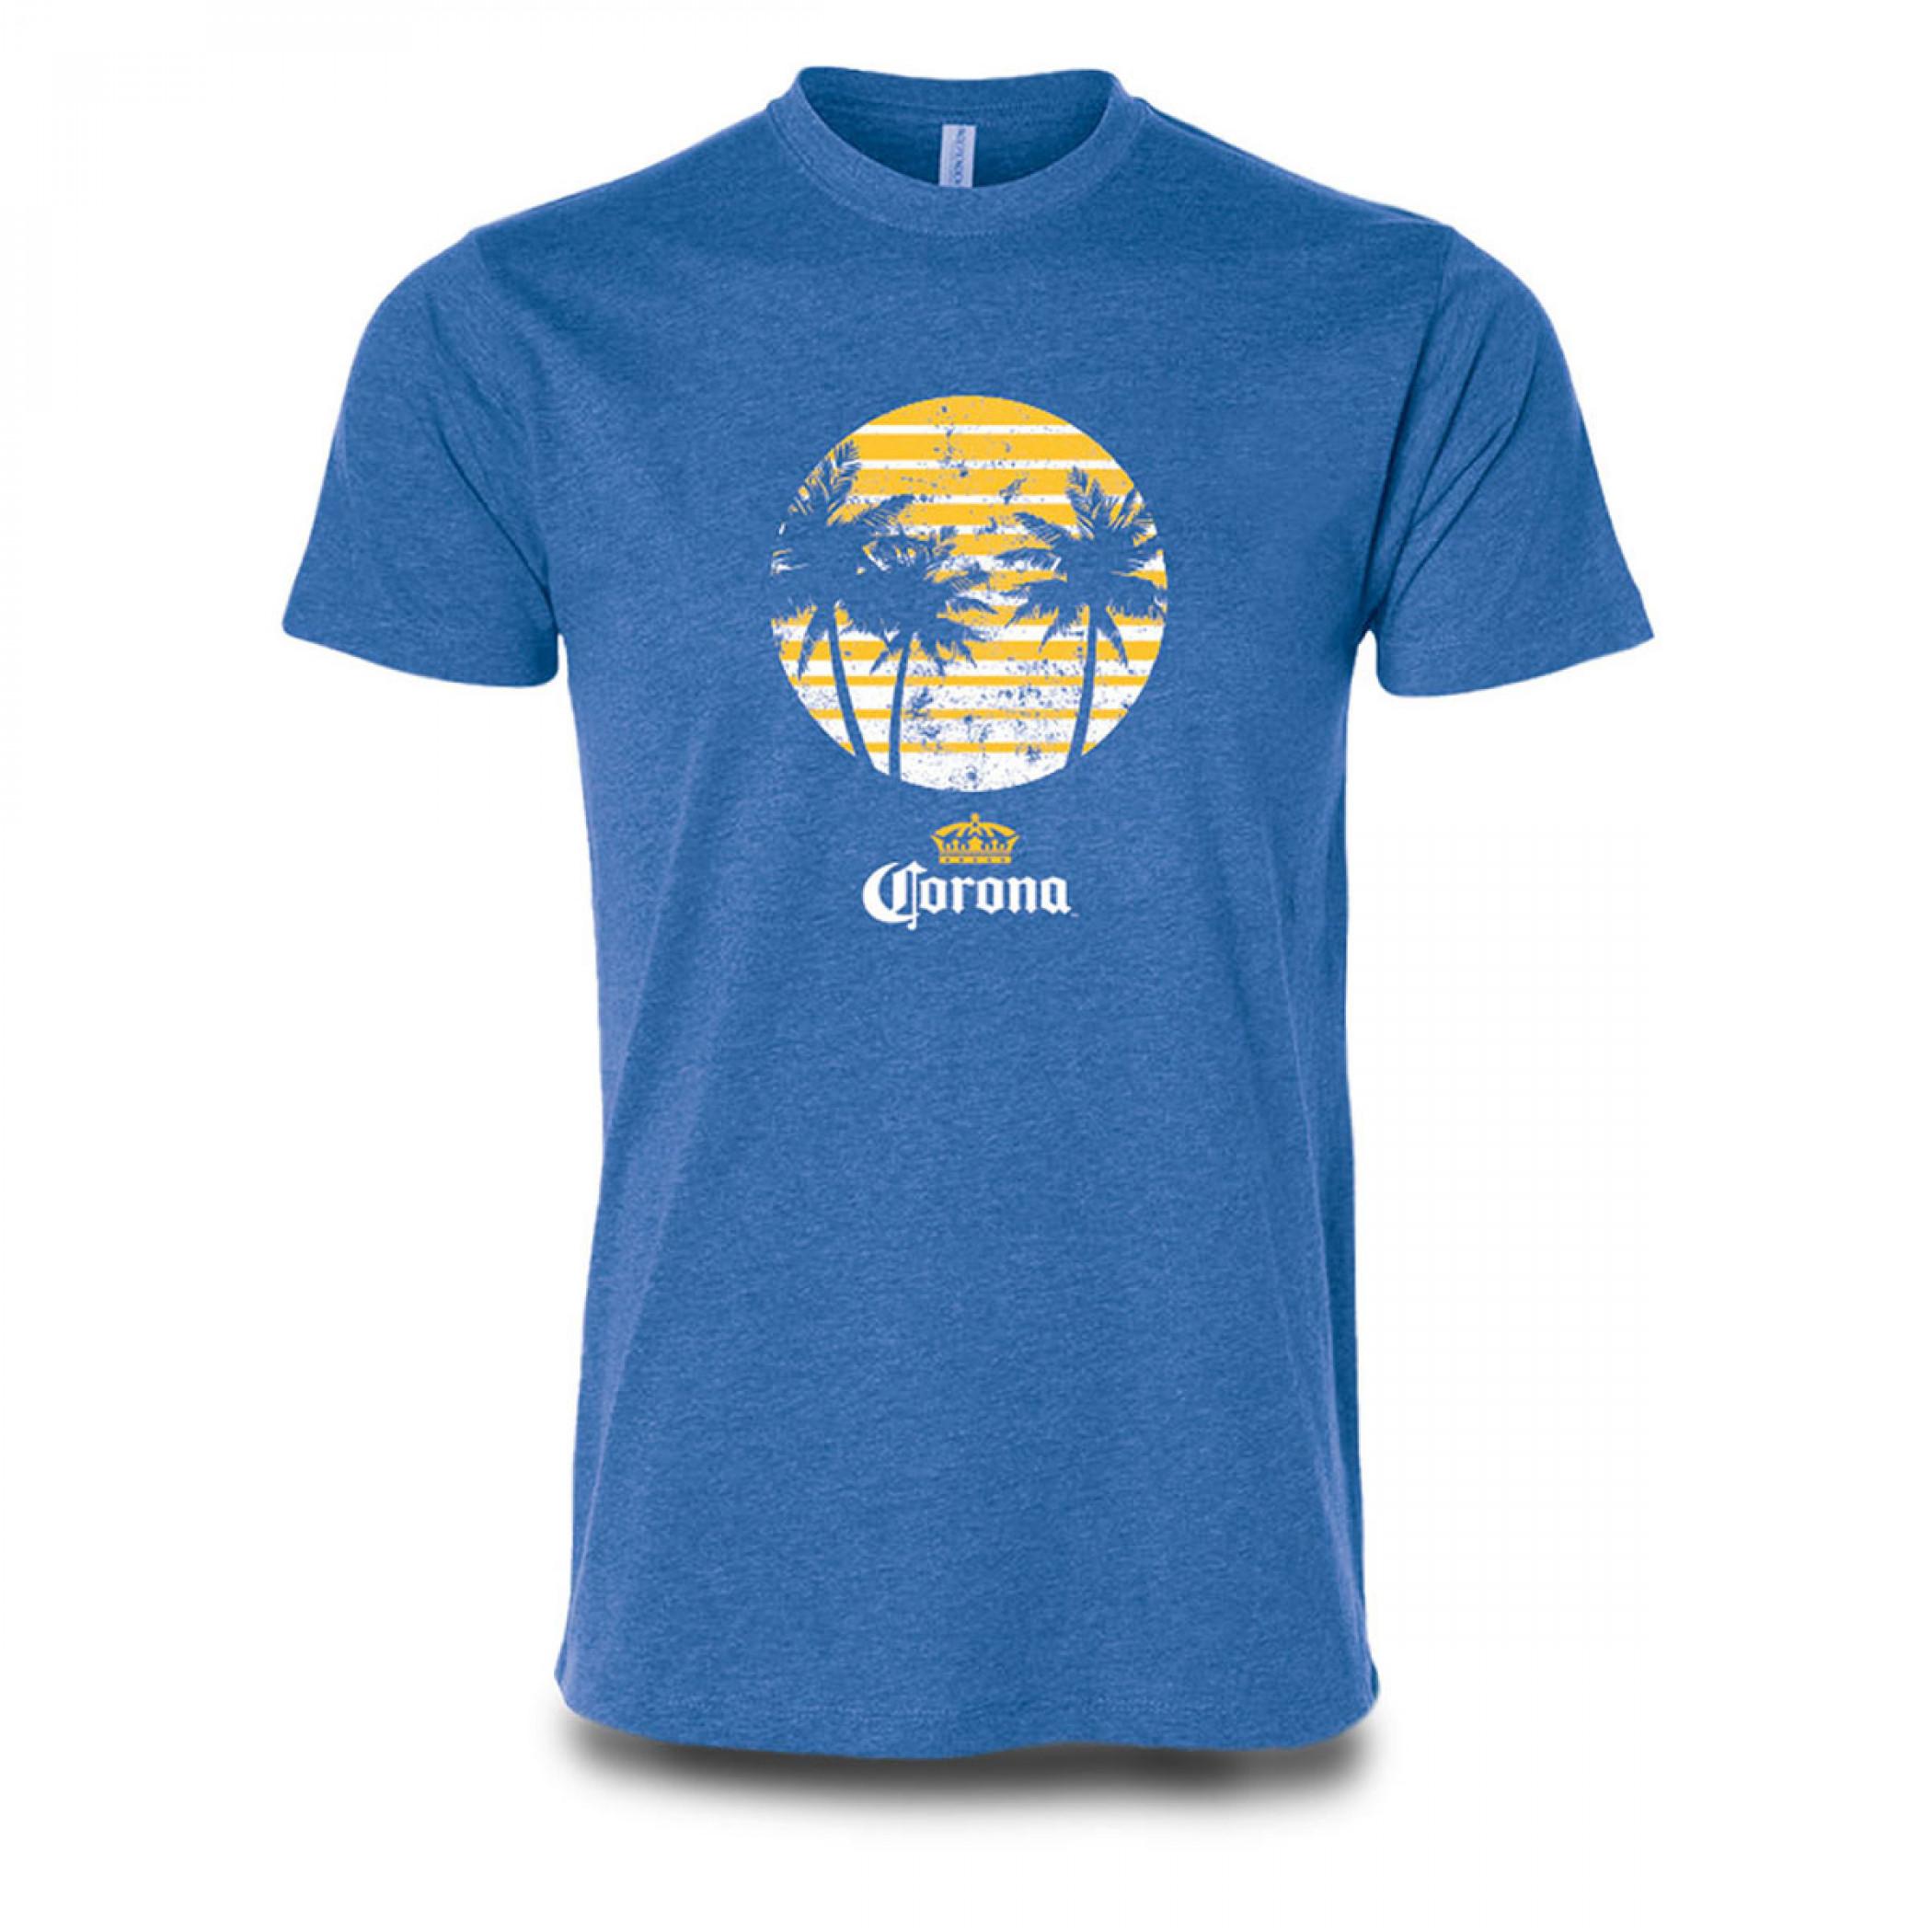 Corona Extra Summer Lifestyle T-Shirt